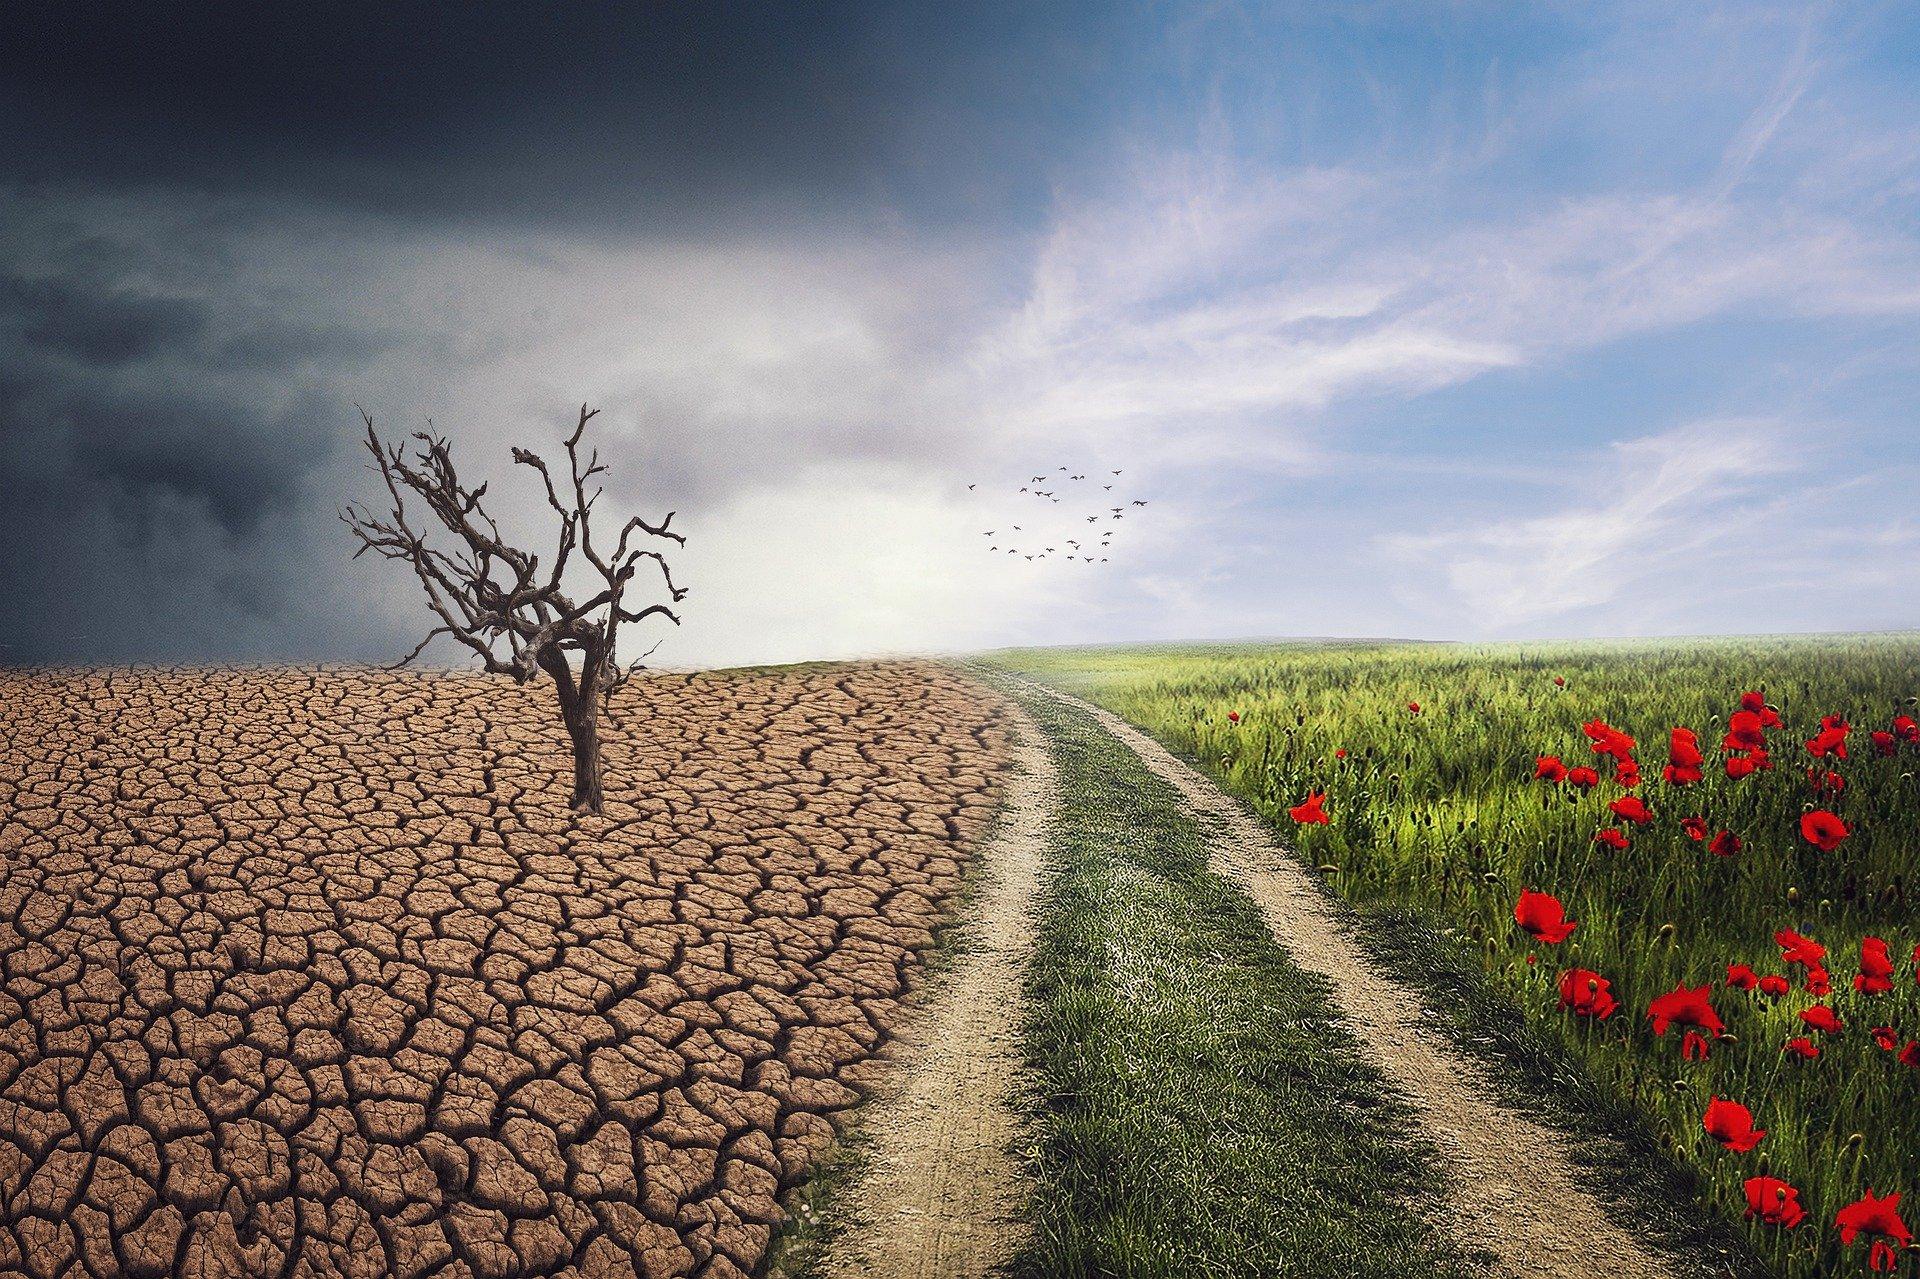 Ζερεφός – Κλιματική αλλαγή: Ποιες περιοχές της Ελλάδας απειλούνται με υποβάθμιση